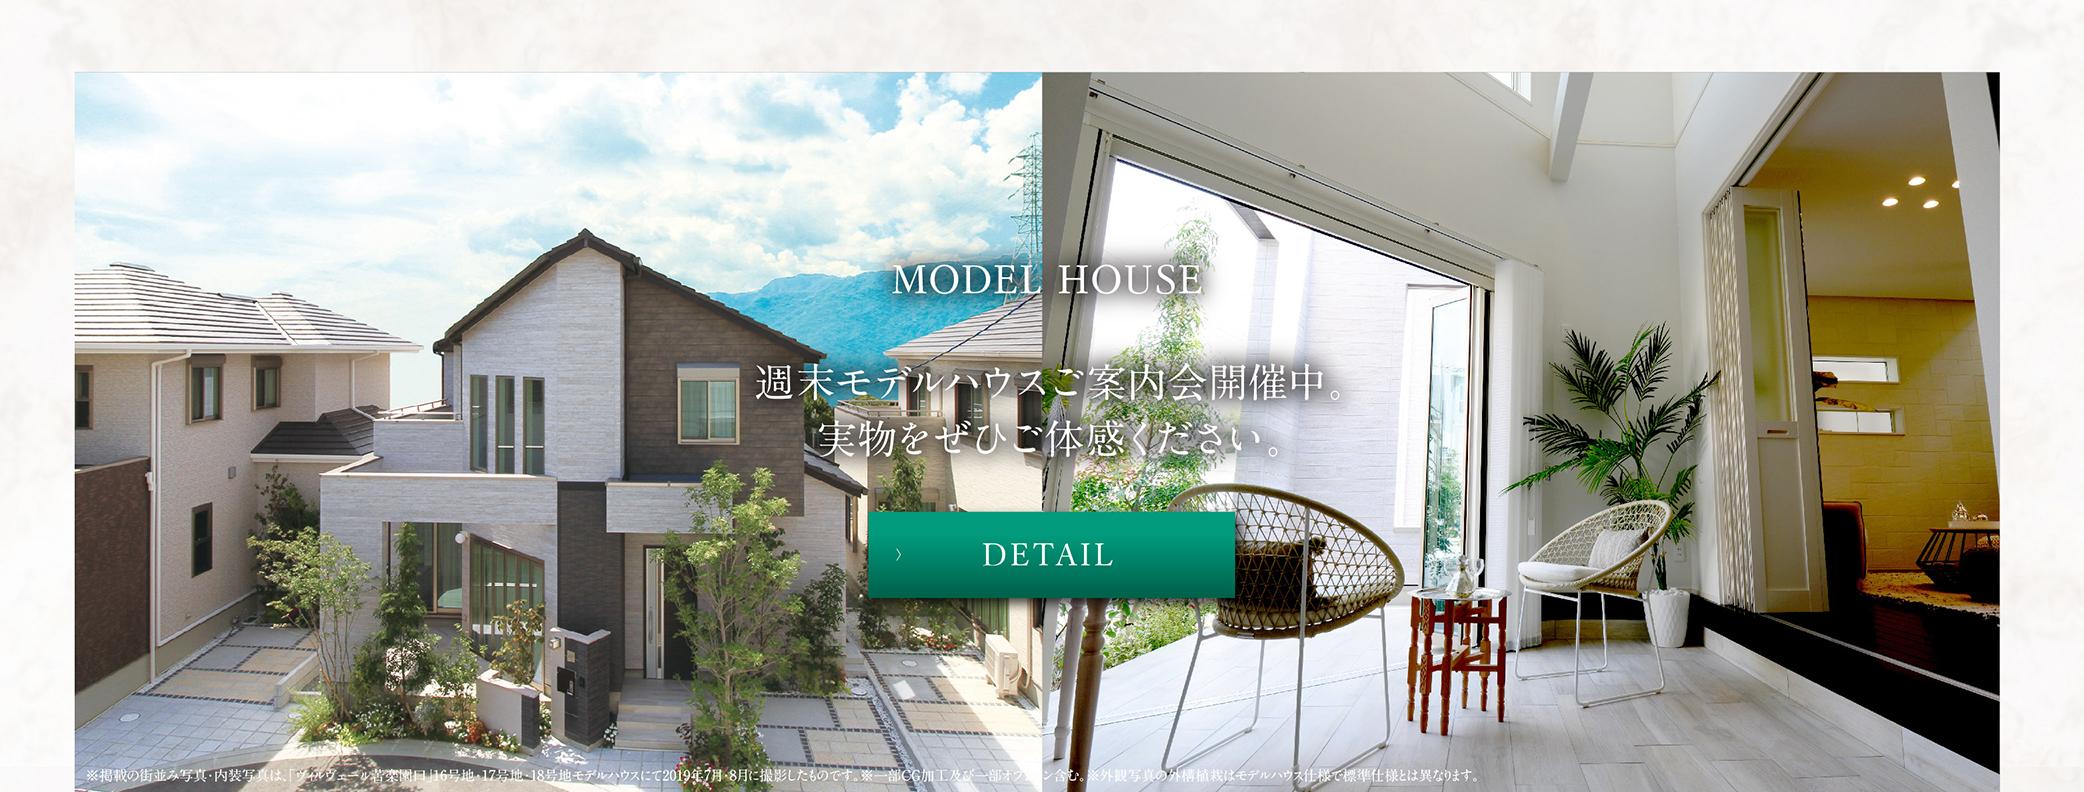 【城山プレミアム】モデルハウス